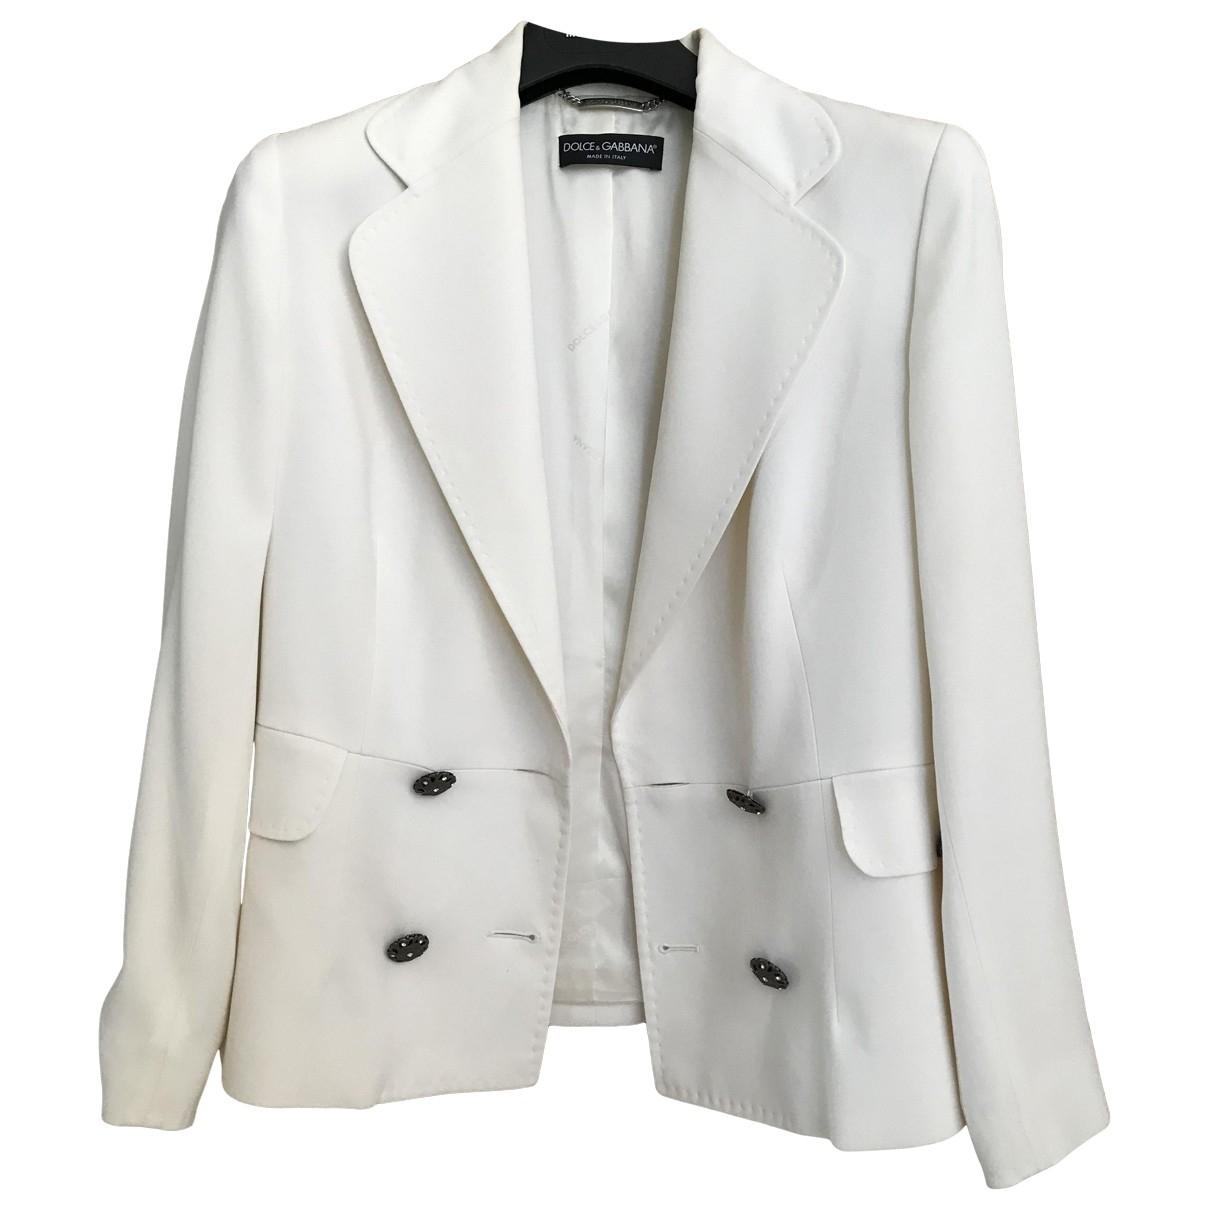 Dolce & Gabbana - Veste   pour femme - blanc